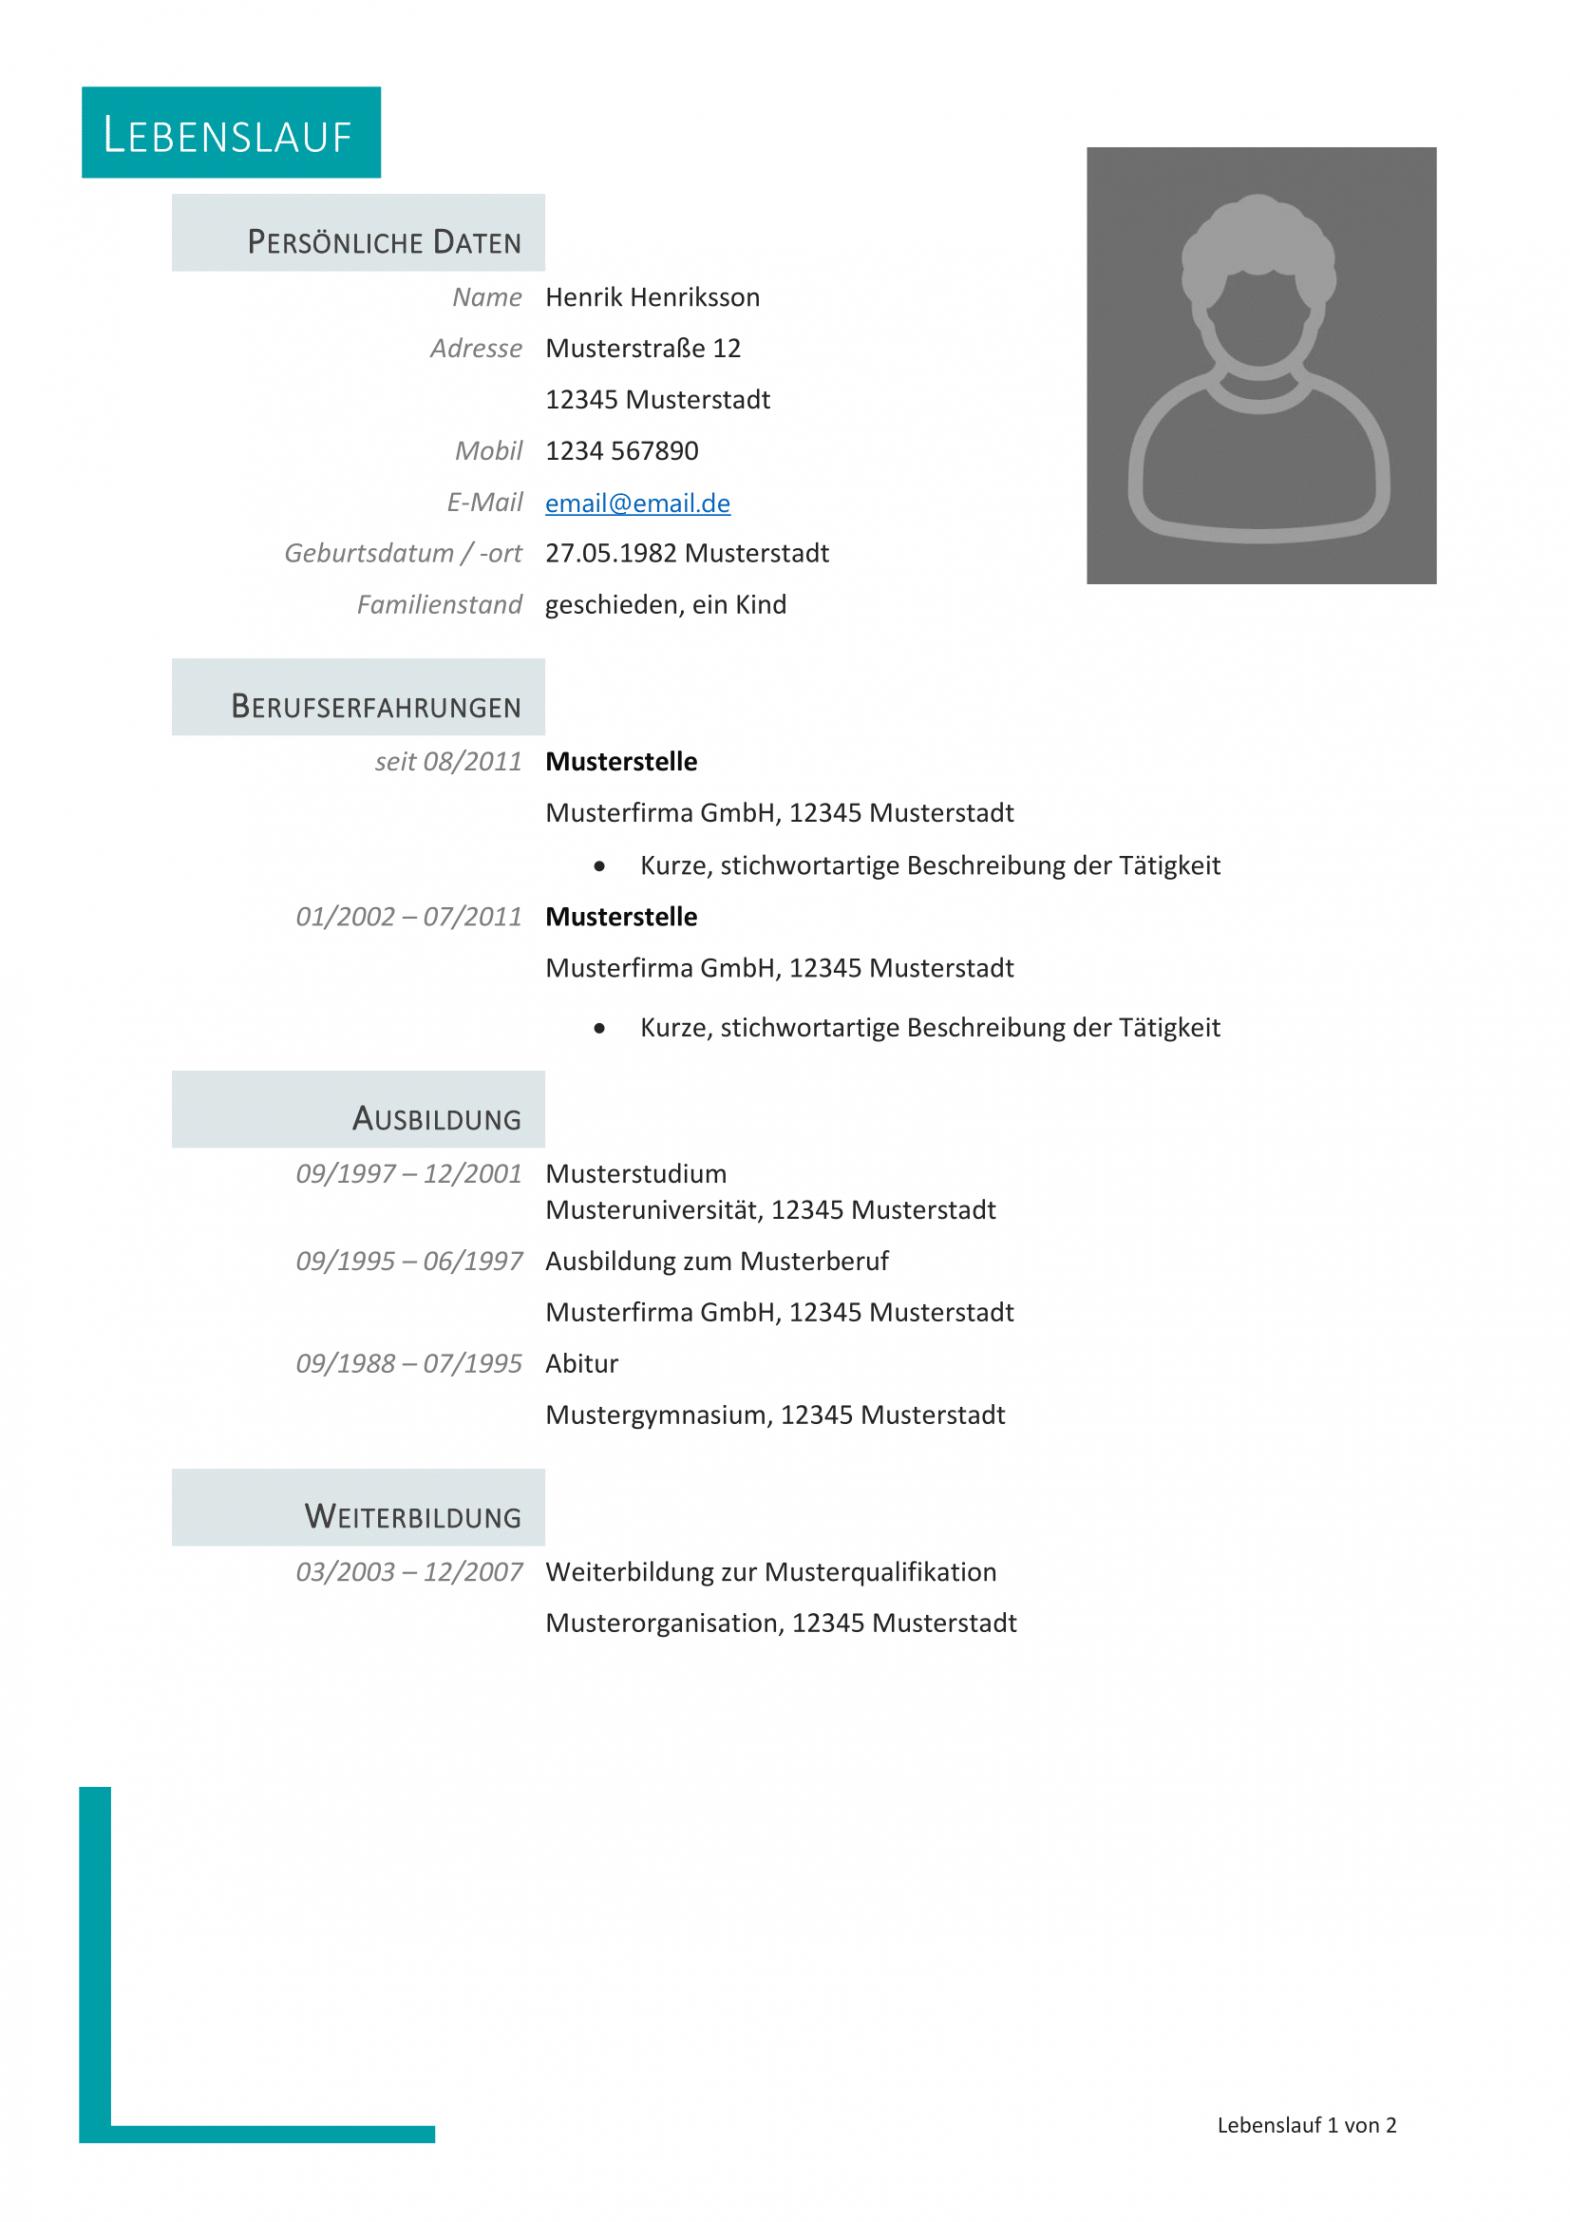 Kostenlose Lebenslauf Muster Und Vorlagen Für Deine Bewerbung 2018 Lebenslauf Muster Ausbildung Und Studium